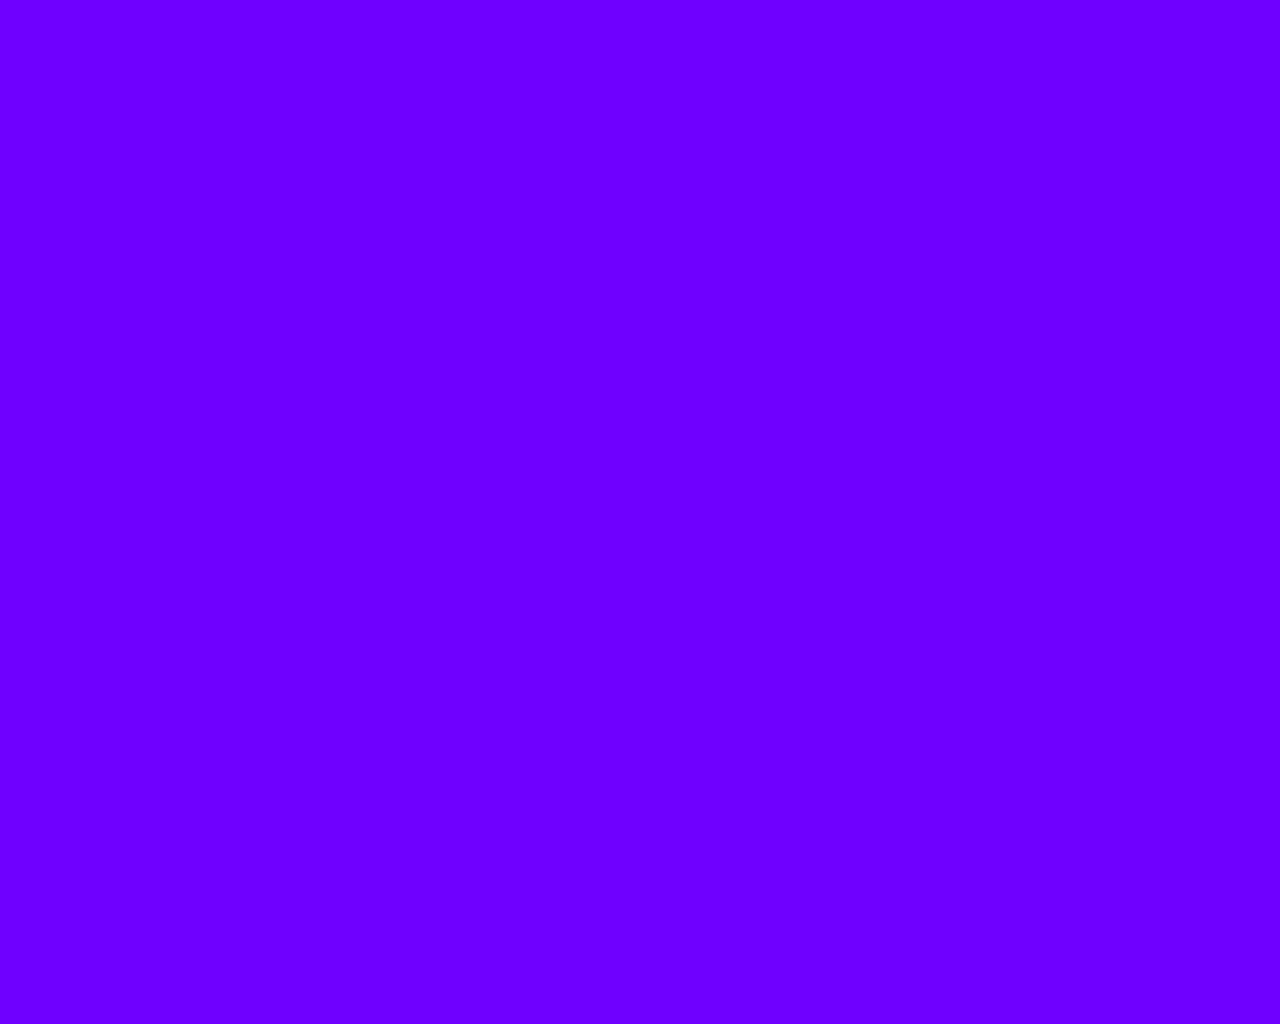 1280x1024 Indigo Solid Color Background